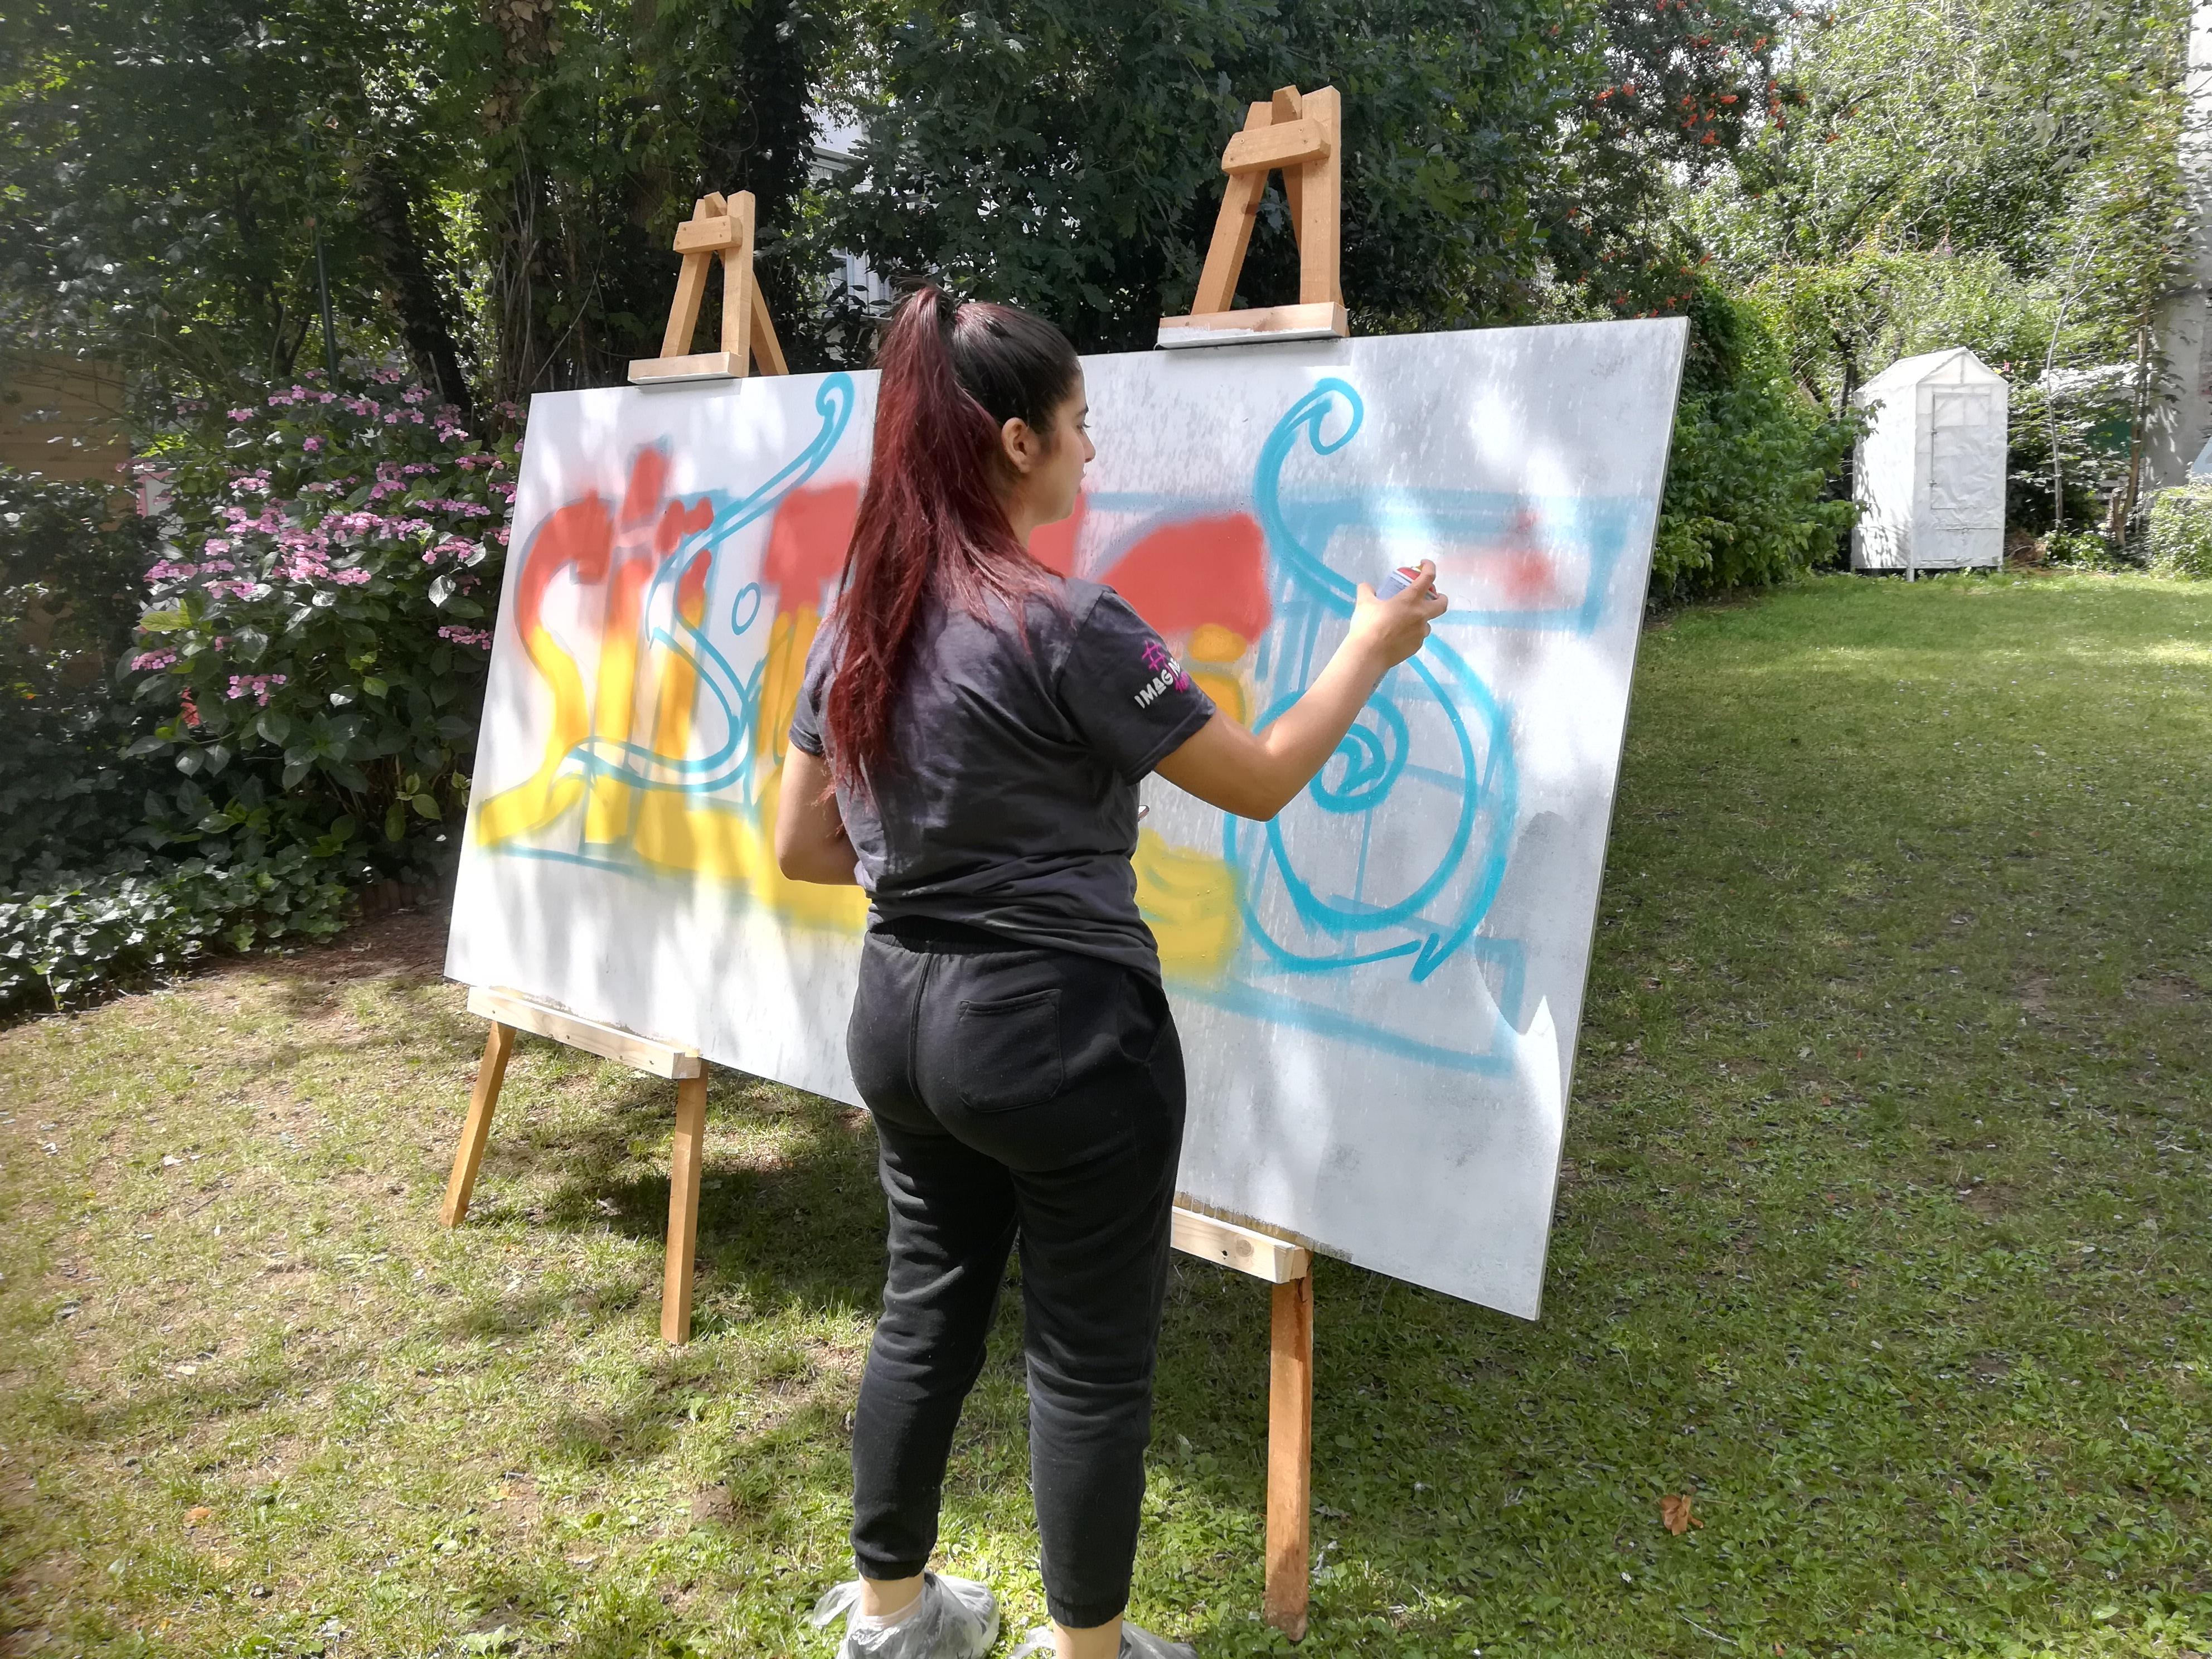 Reprise des ateliers P@sserelles avec l'Espace Jeunes cet été